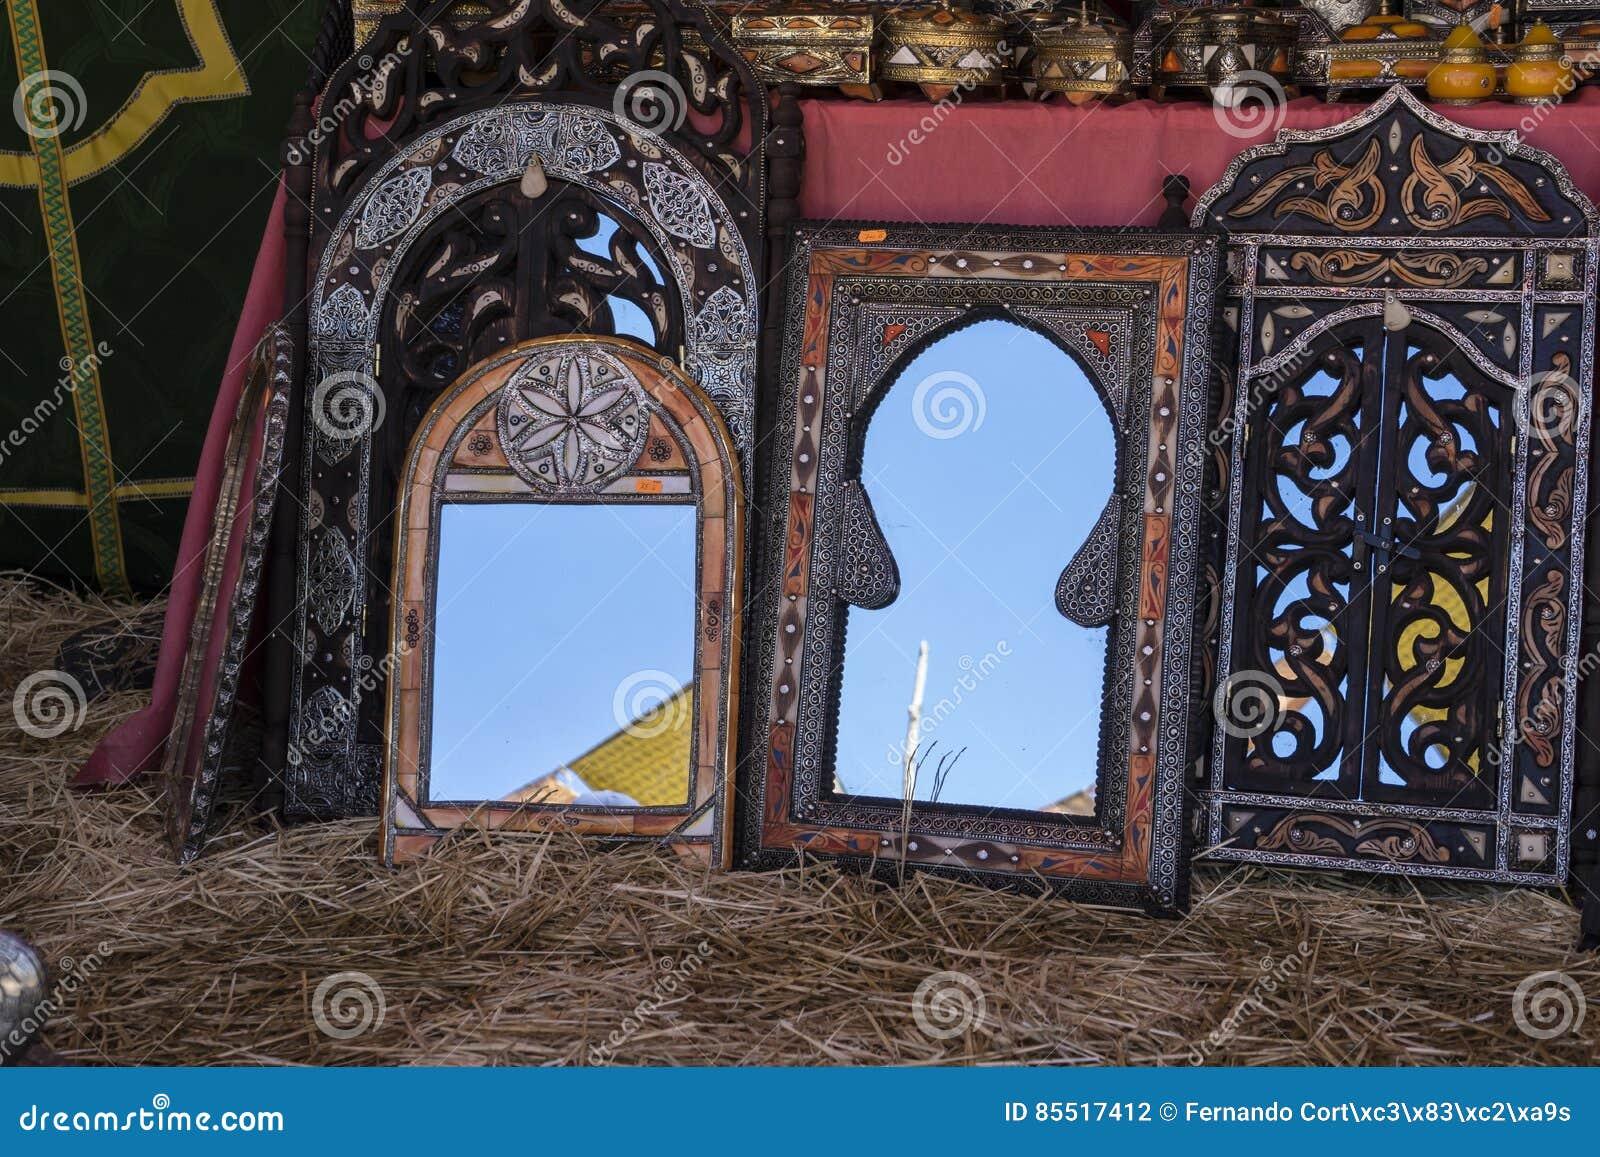 Arabische Handwerkkünste, Spiegel Mit Hand-geschnitzten Holzrahmen ...